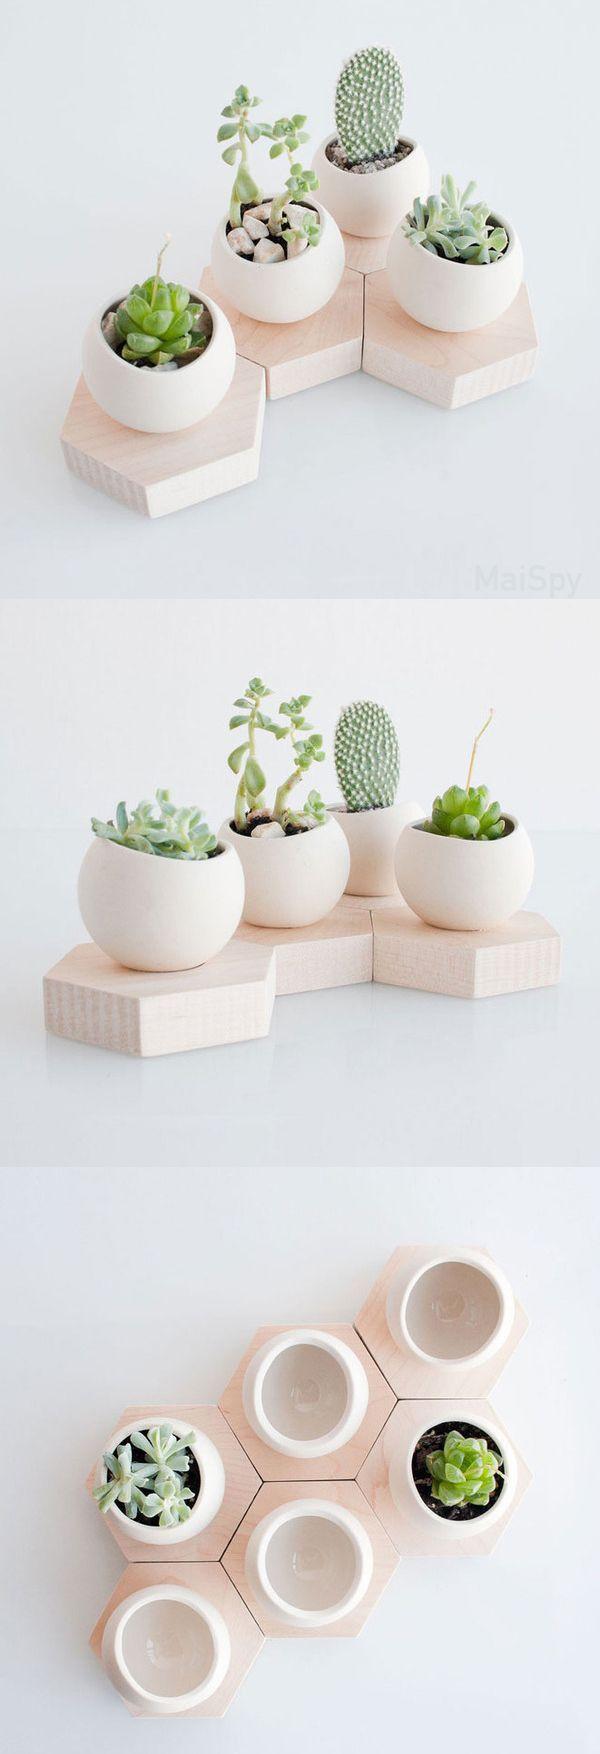 Cactus miniaturas                                                                                                                                                                                 More